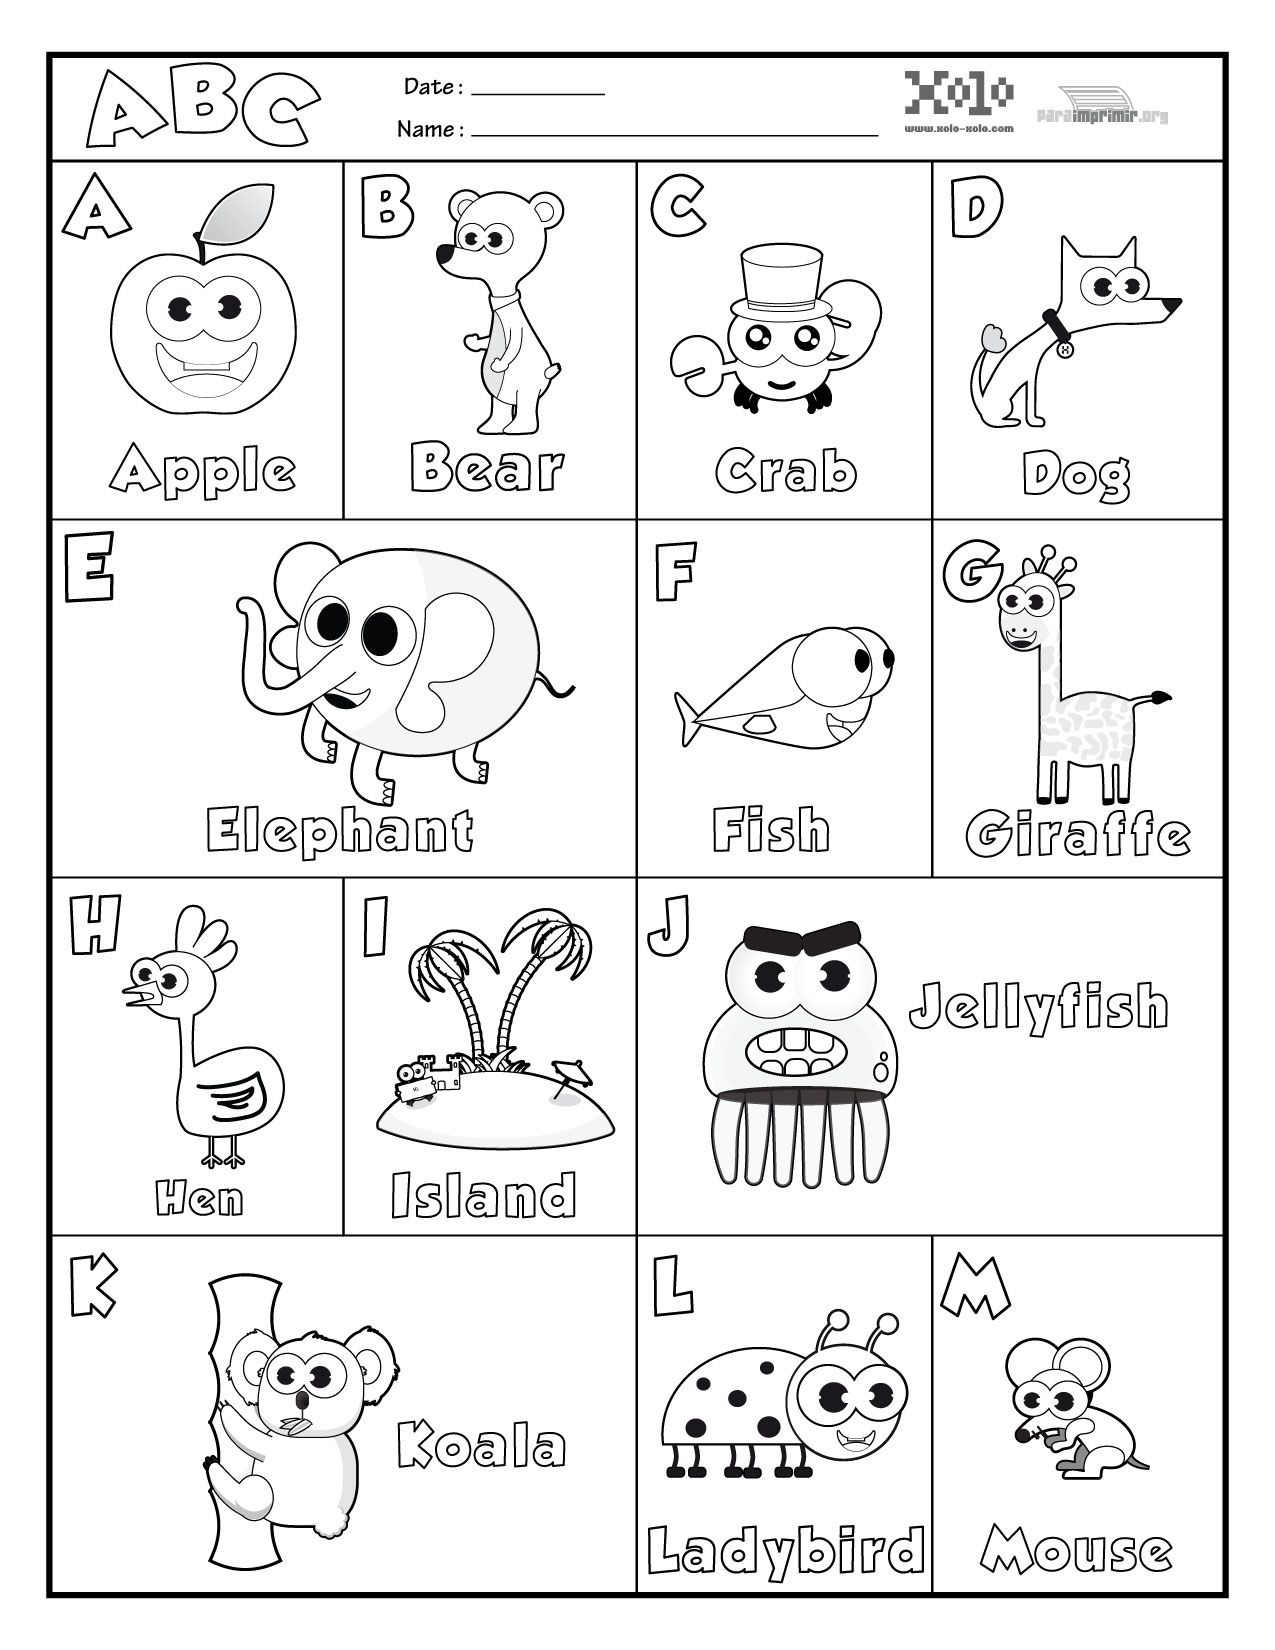 worksheet El Nino Worksheet esta ficha ha sido creada para complementar el aprendizaje del abecedario en ingles colorear y imprimir